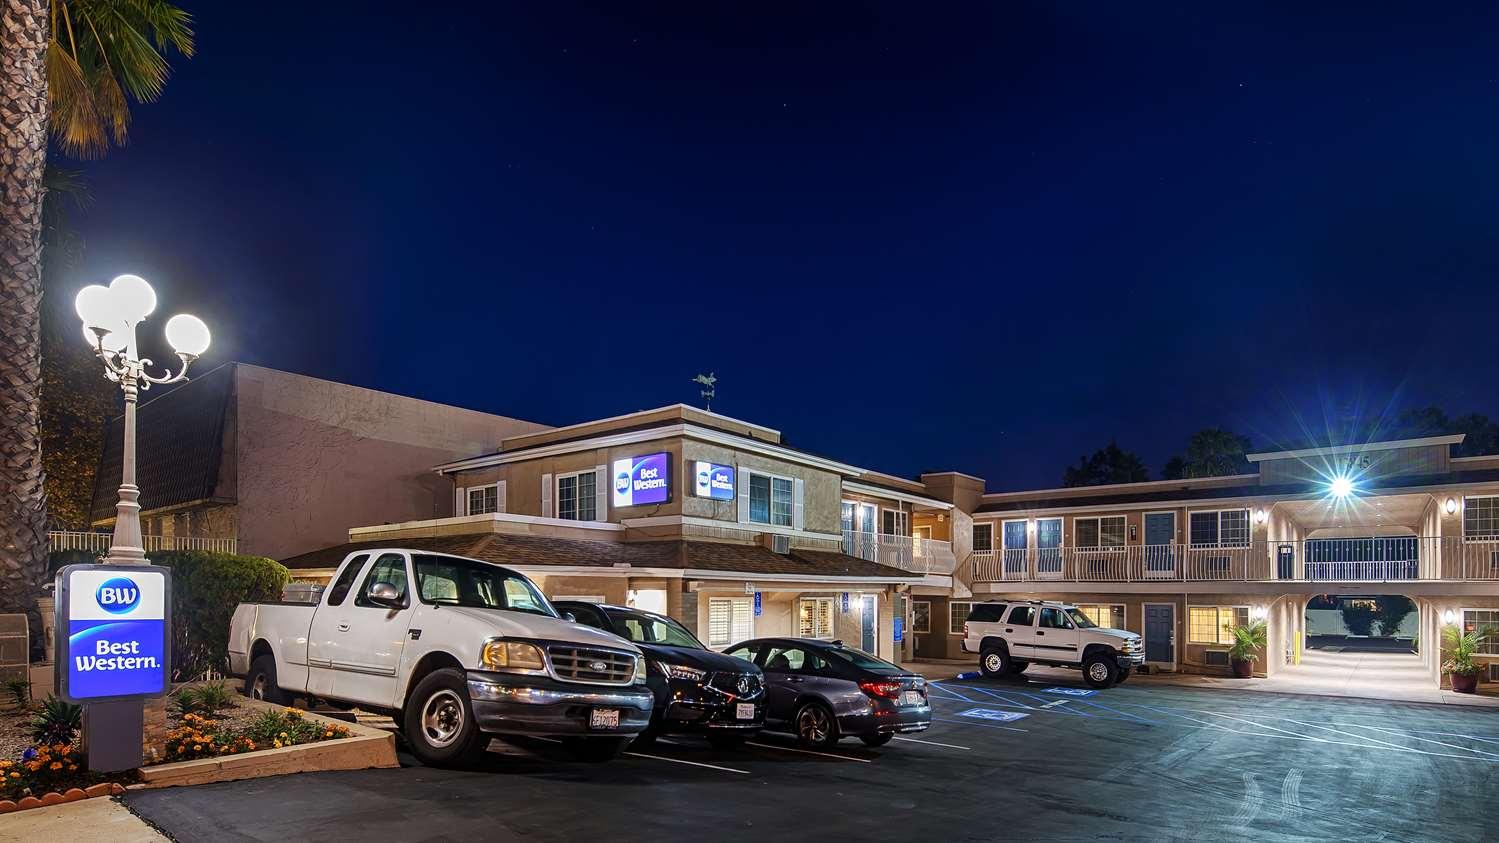 Best Western Poway San Diego Hotel Ca See Discounts